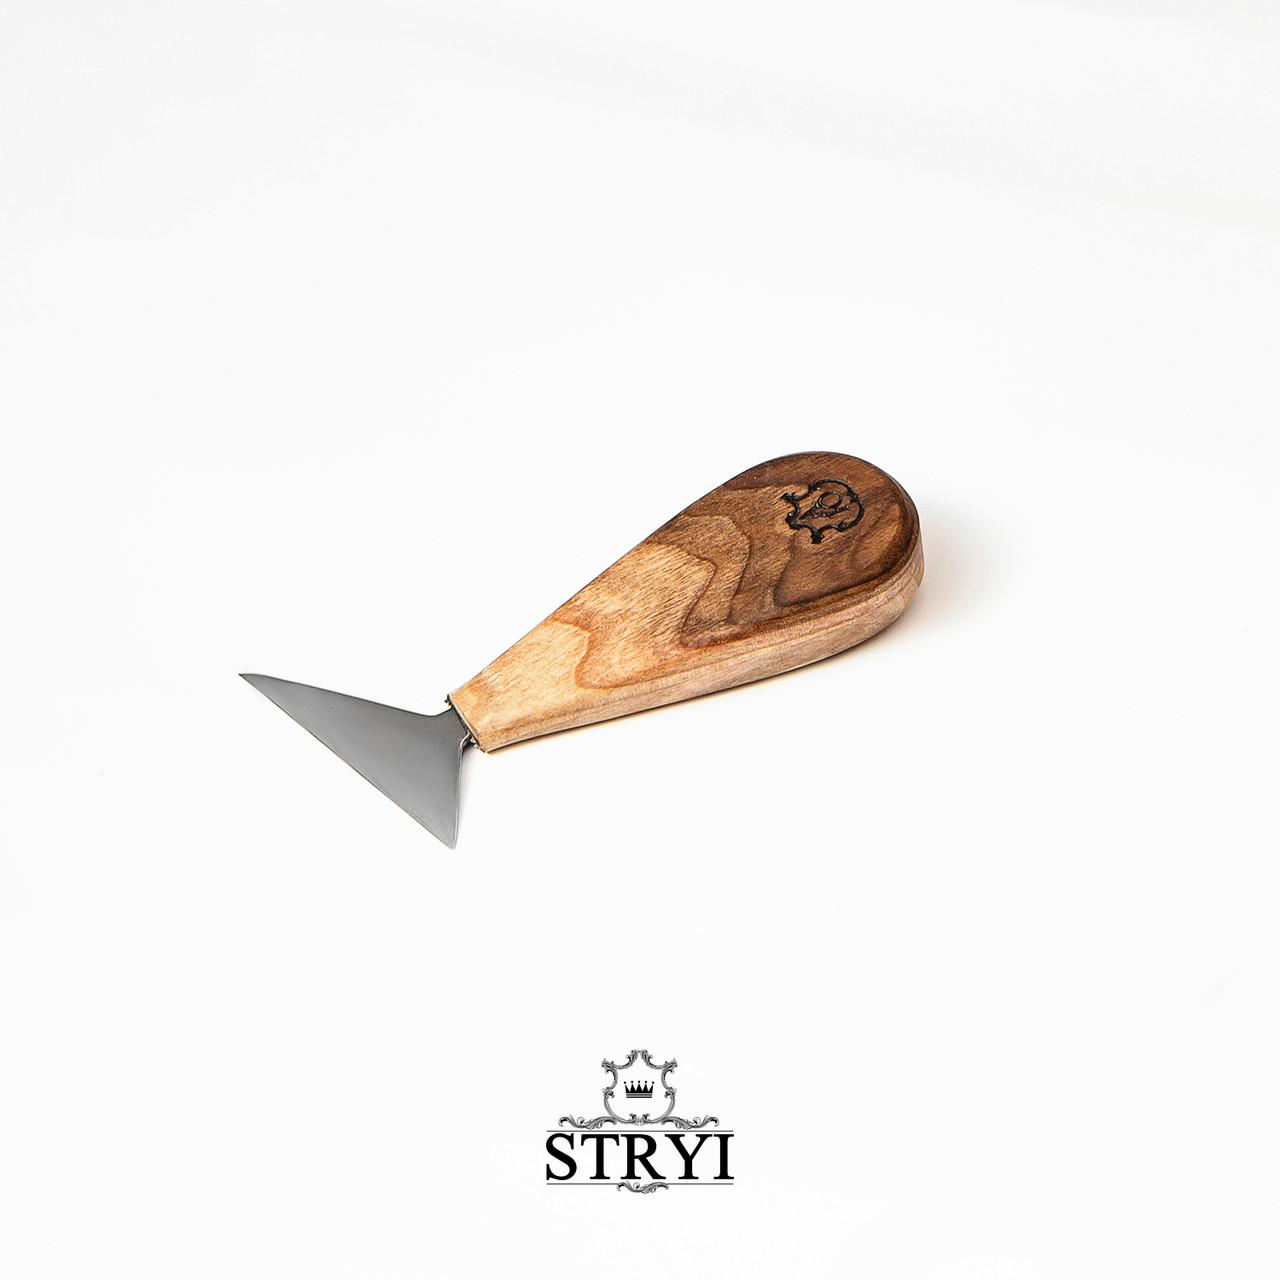 Флажок нож нарезной 65мм для геометрической резьбы